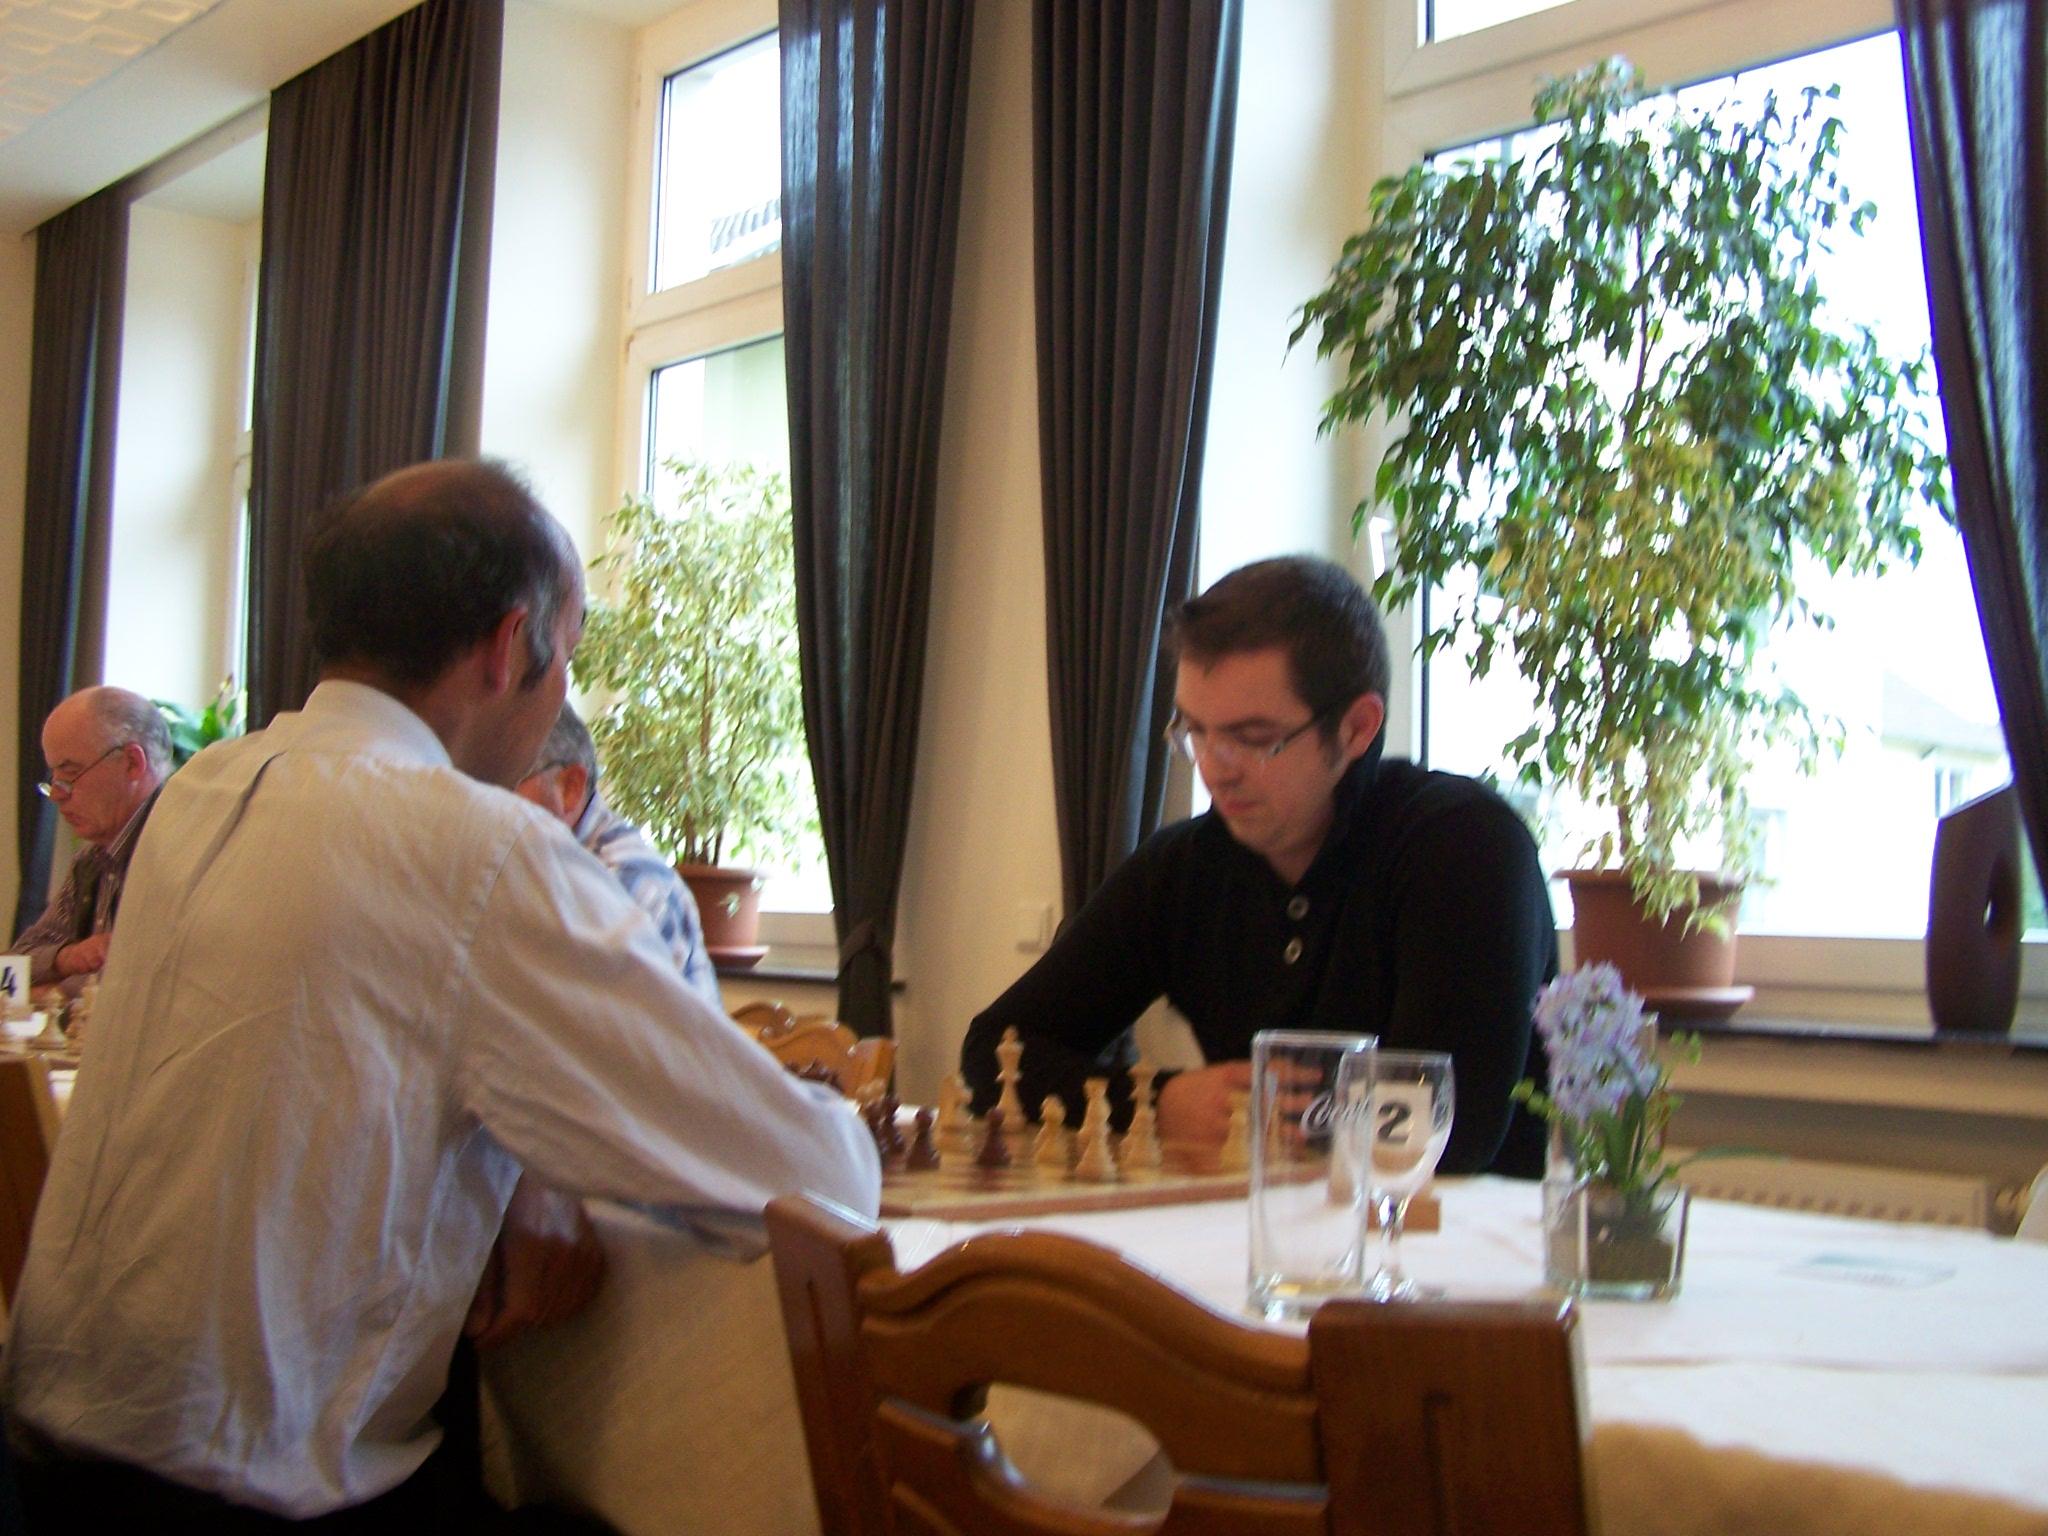 Stefan Tunkel - Victor van Blommenstein